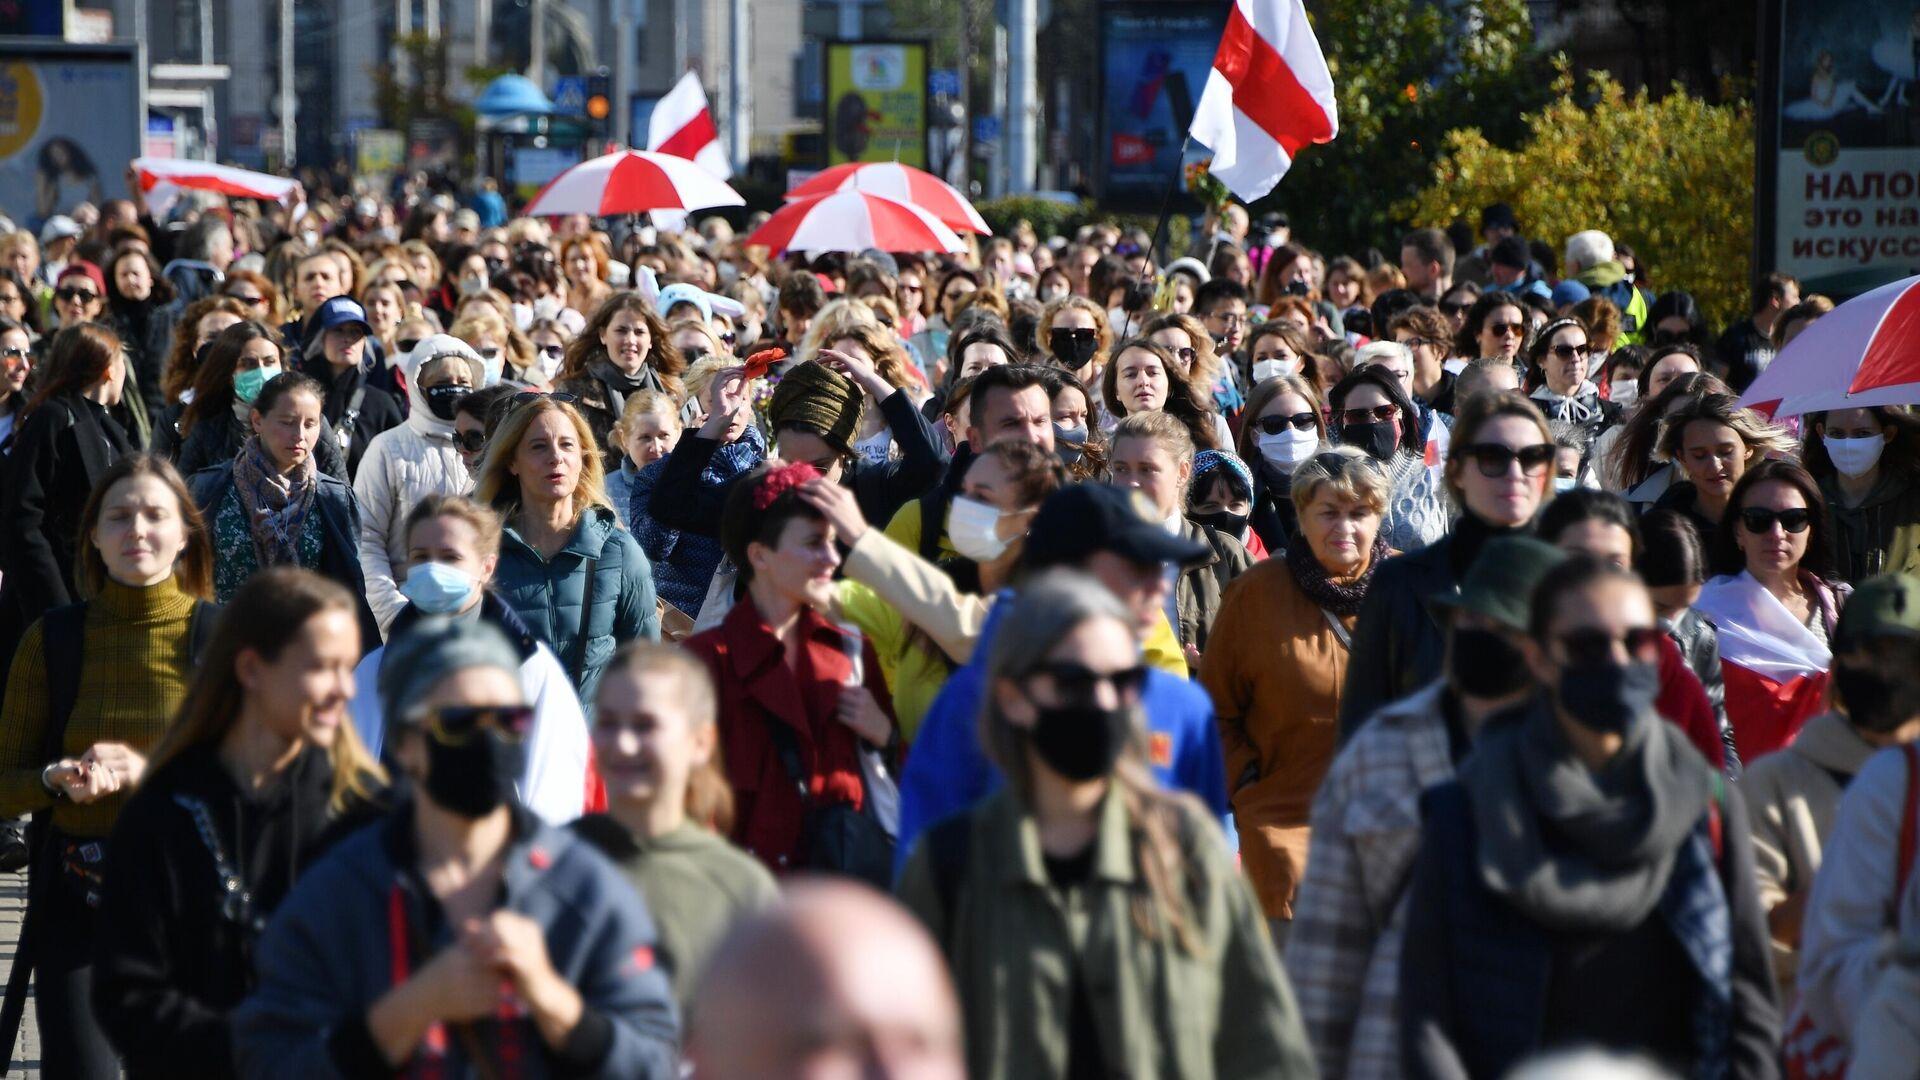 Участники марша оппозиции в Минске - РИА Новости, 1920, 20.09.2020